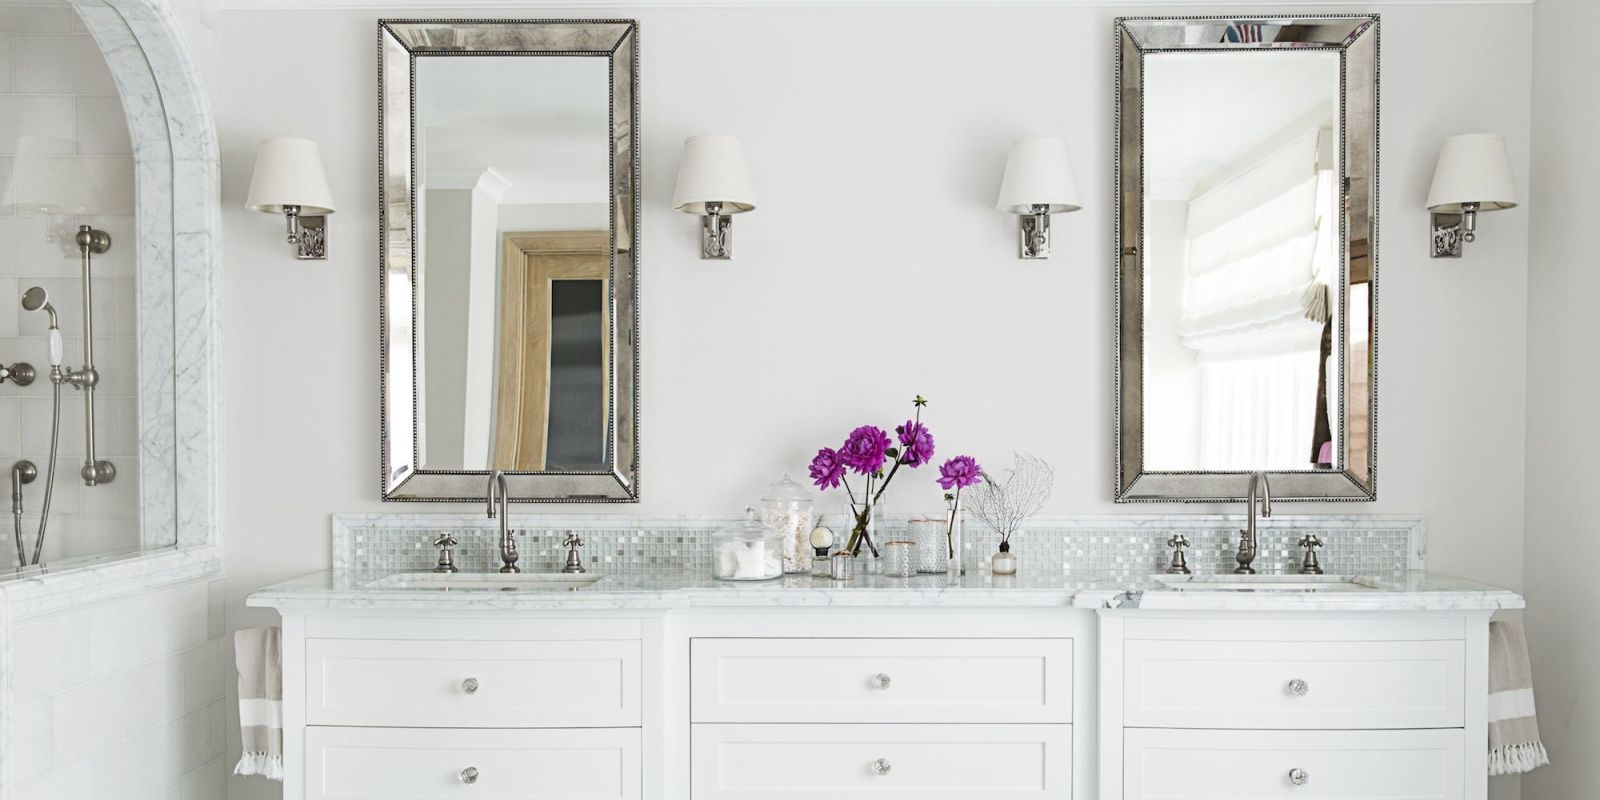 bathroom lighting design ideas pictures - 23 Bathroom Decorating Ideas of Bathroom Decor